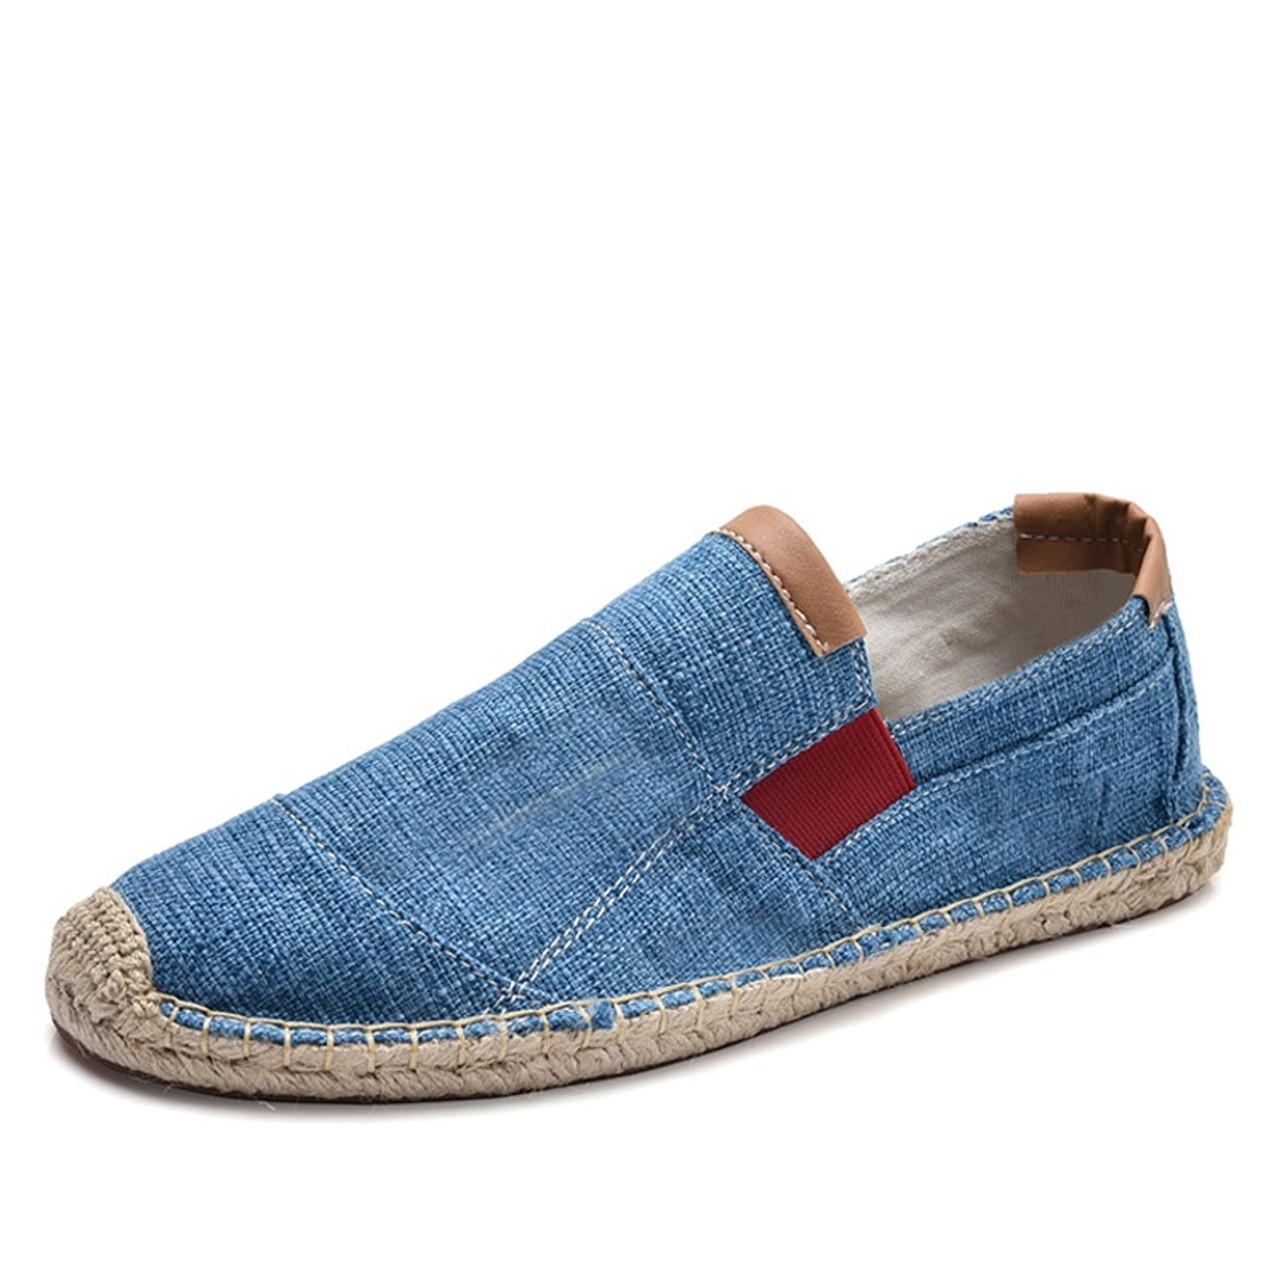 men's casual canvas shoes